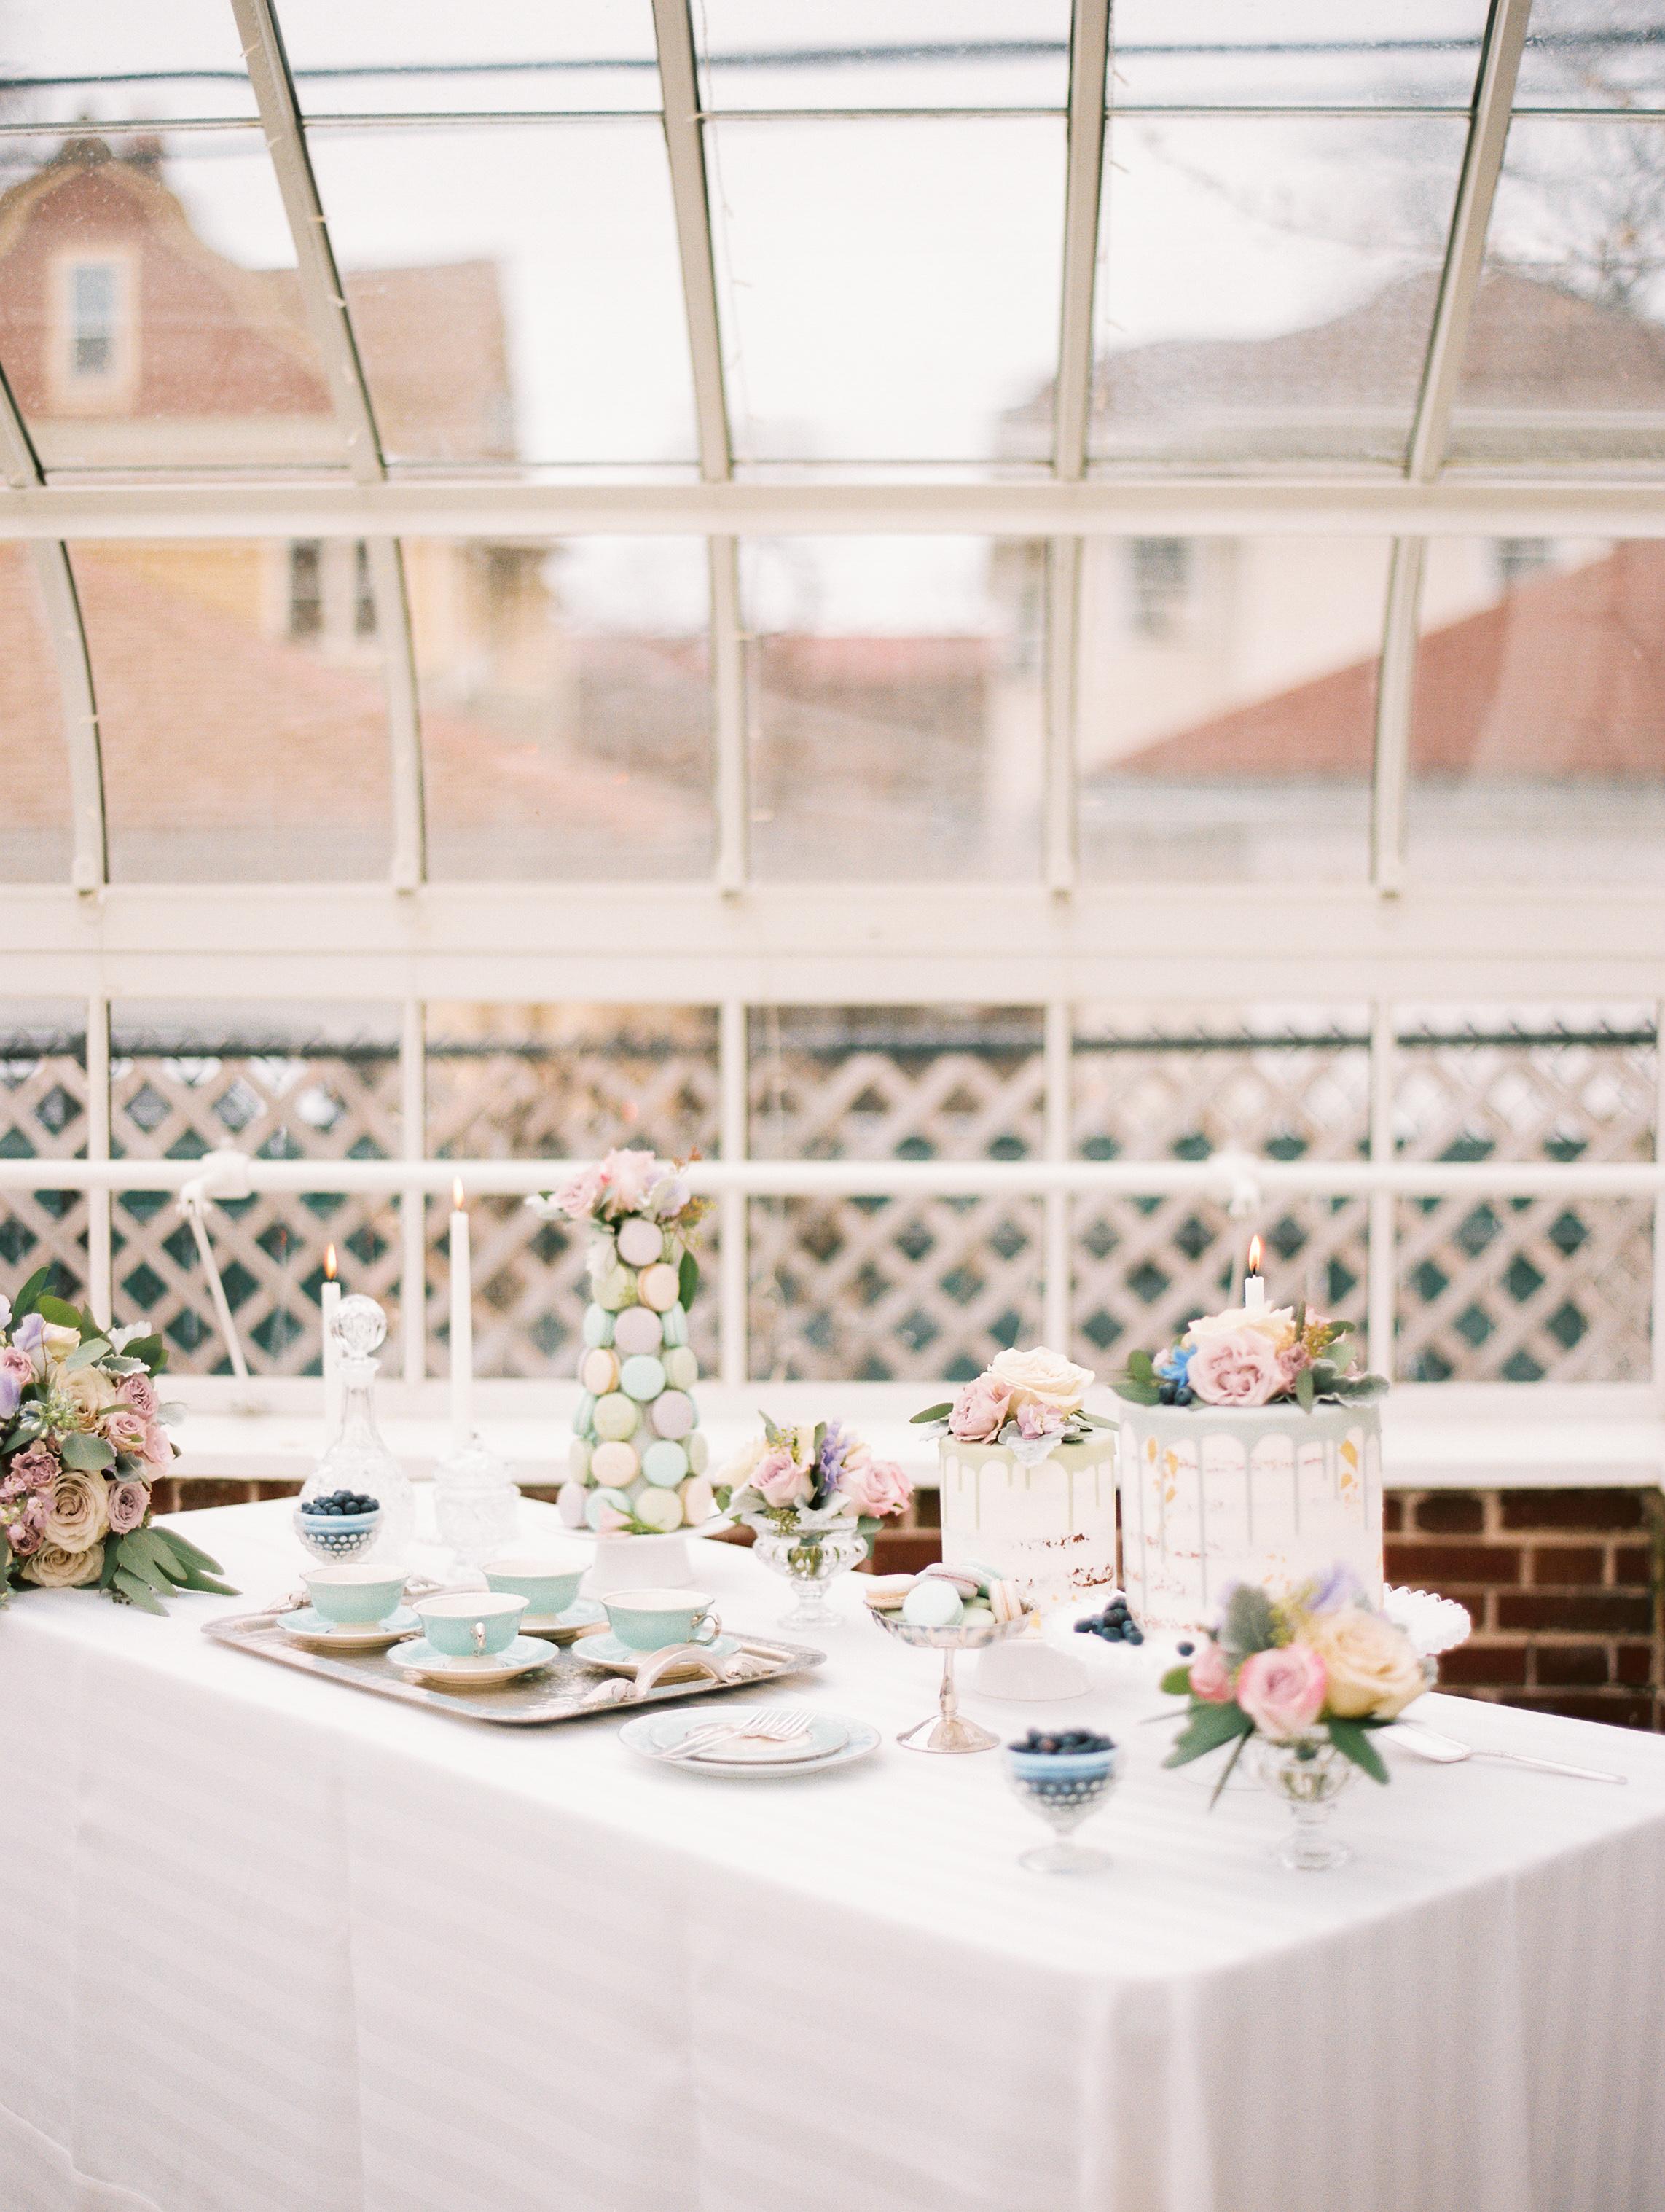 Kristin-La-Voie-Photography-Chicago-Wedding-Photographer-Cheney-Mansion-65.jpg